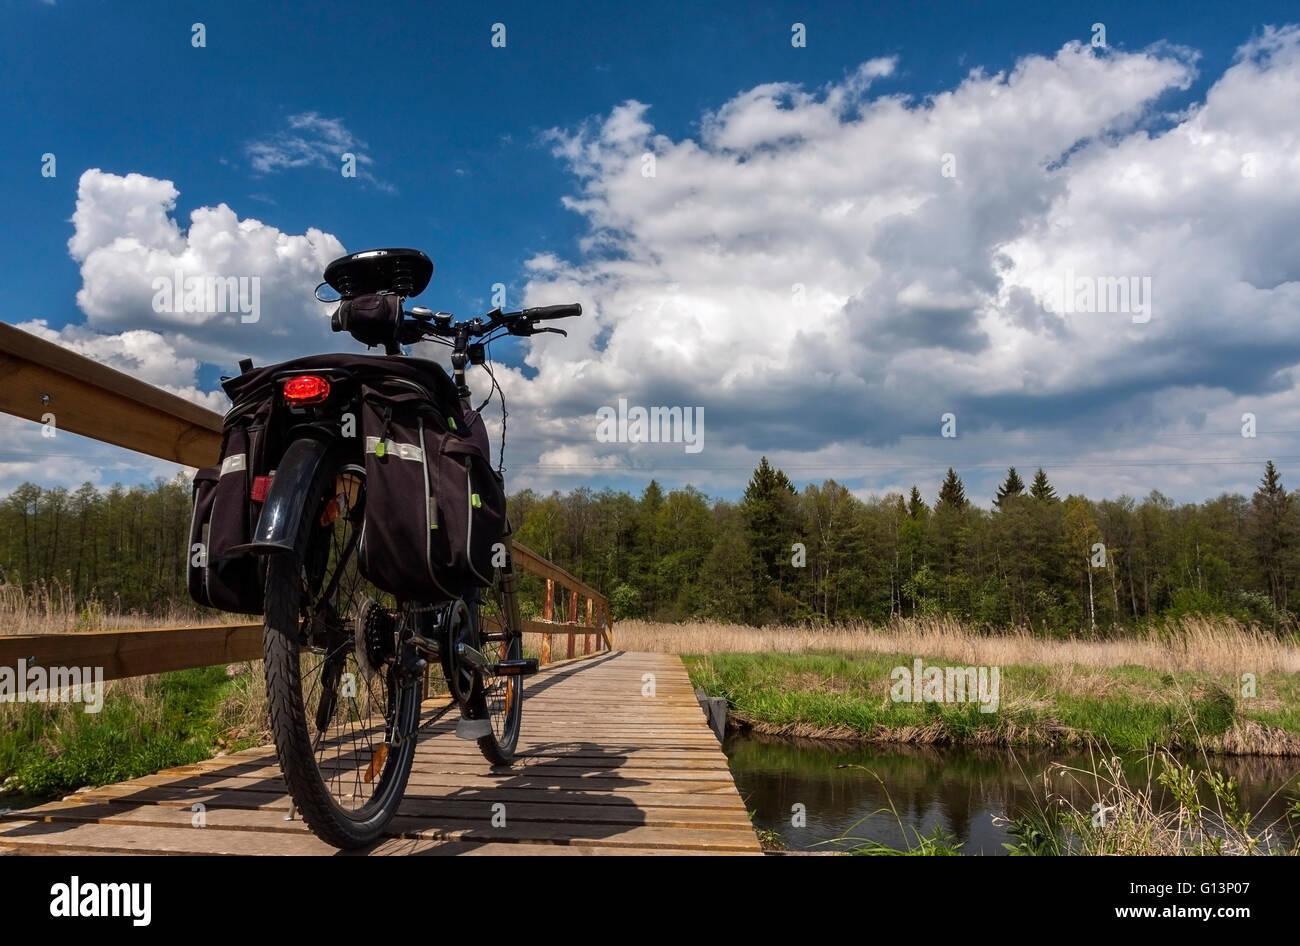 El turismo. Puente sobre el río de bicicletas fuera de la ciudad . Foto de stock